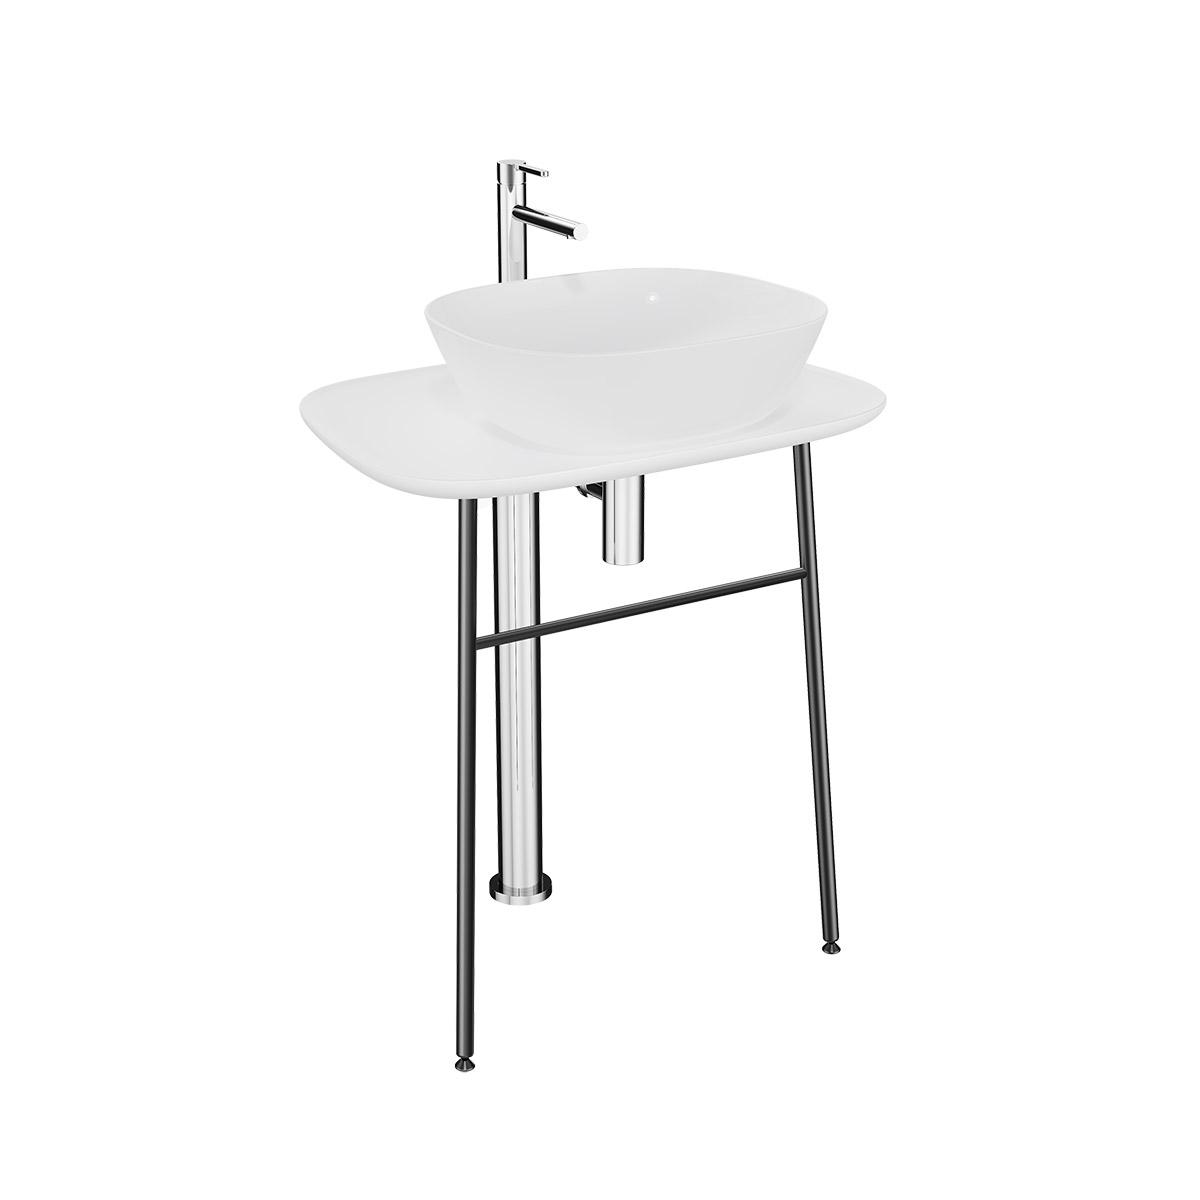 Plural Waschtischunterbau hoch freistehend, Höhe 74 cm, Weiß Hochglanz